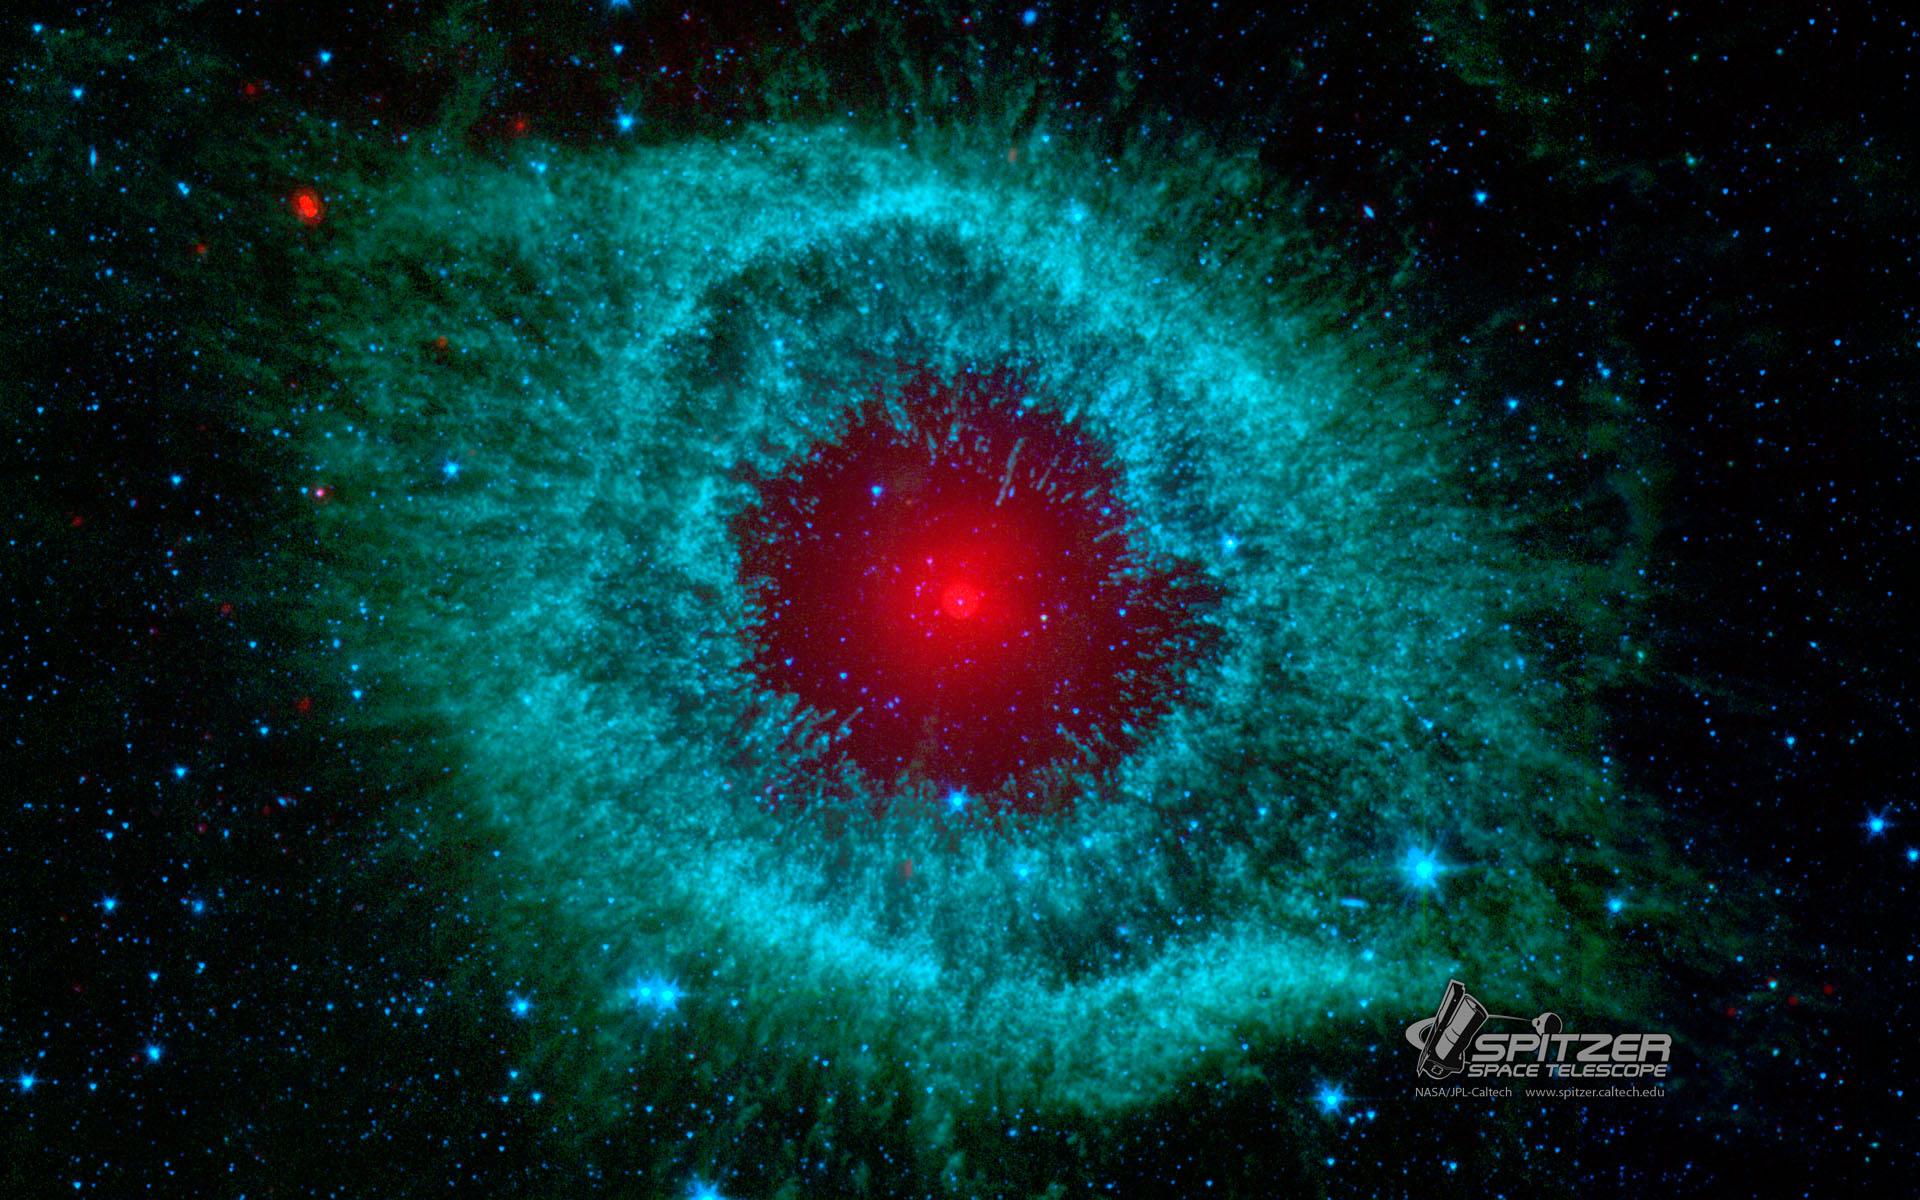 NASA_HiddenUniverse_04.jpg